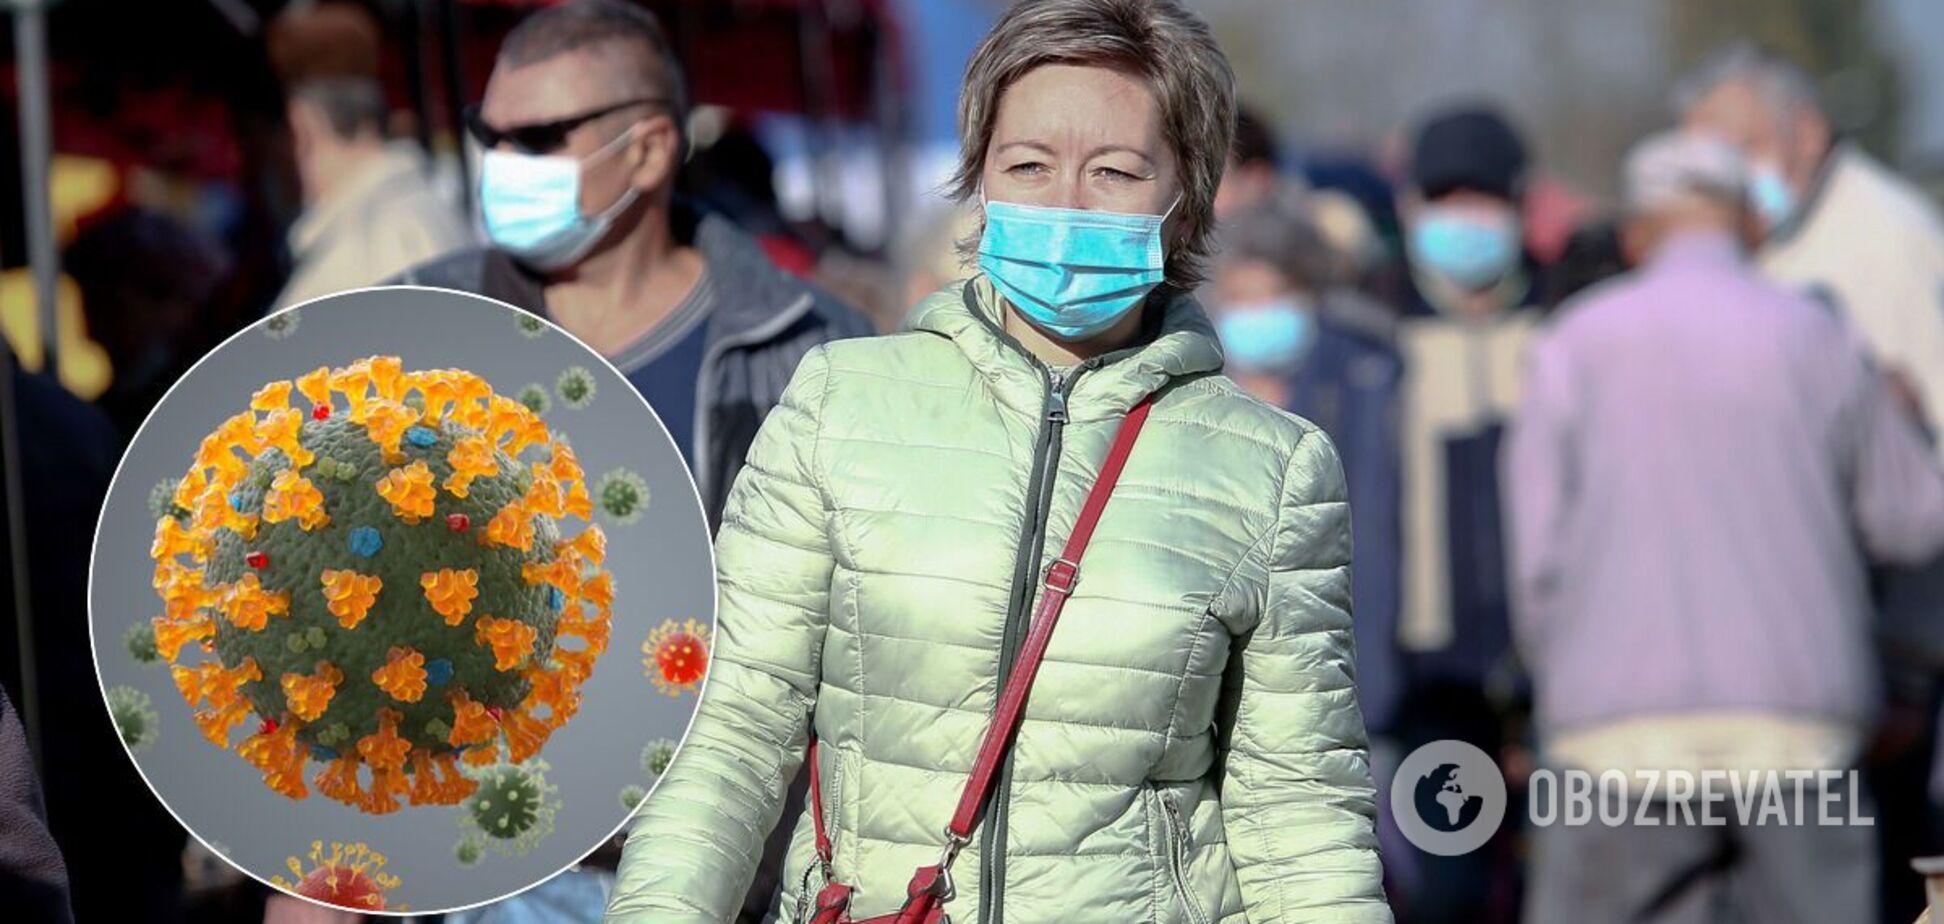 Кожного дня смерті: тільки жорсткий локдаун зможе зупинити поширення хвороби